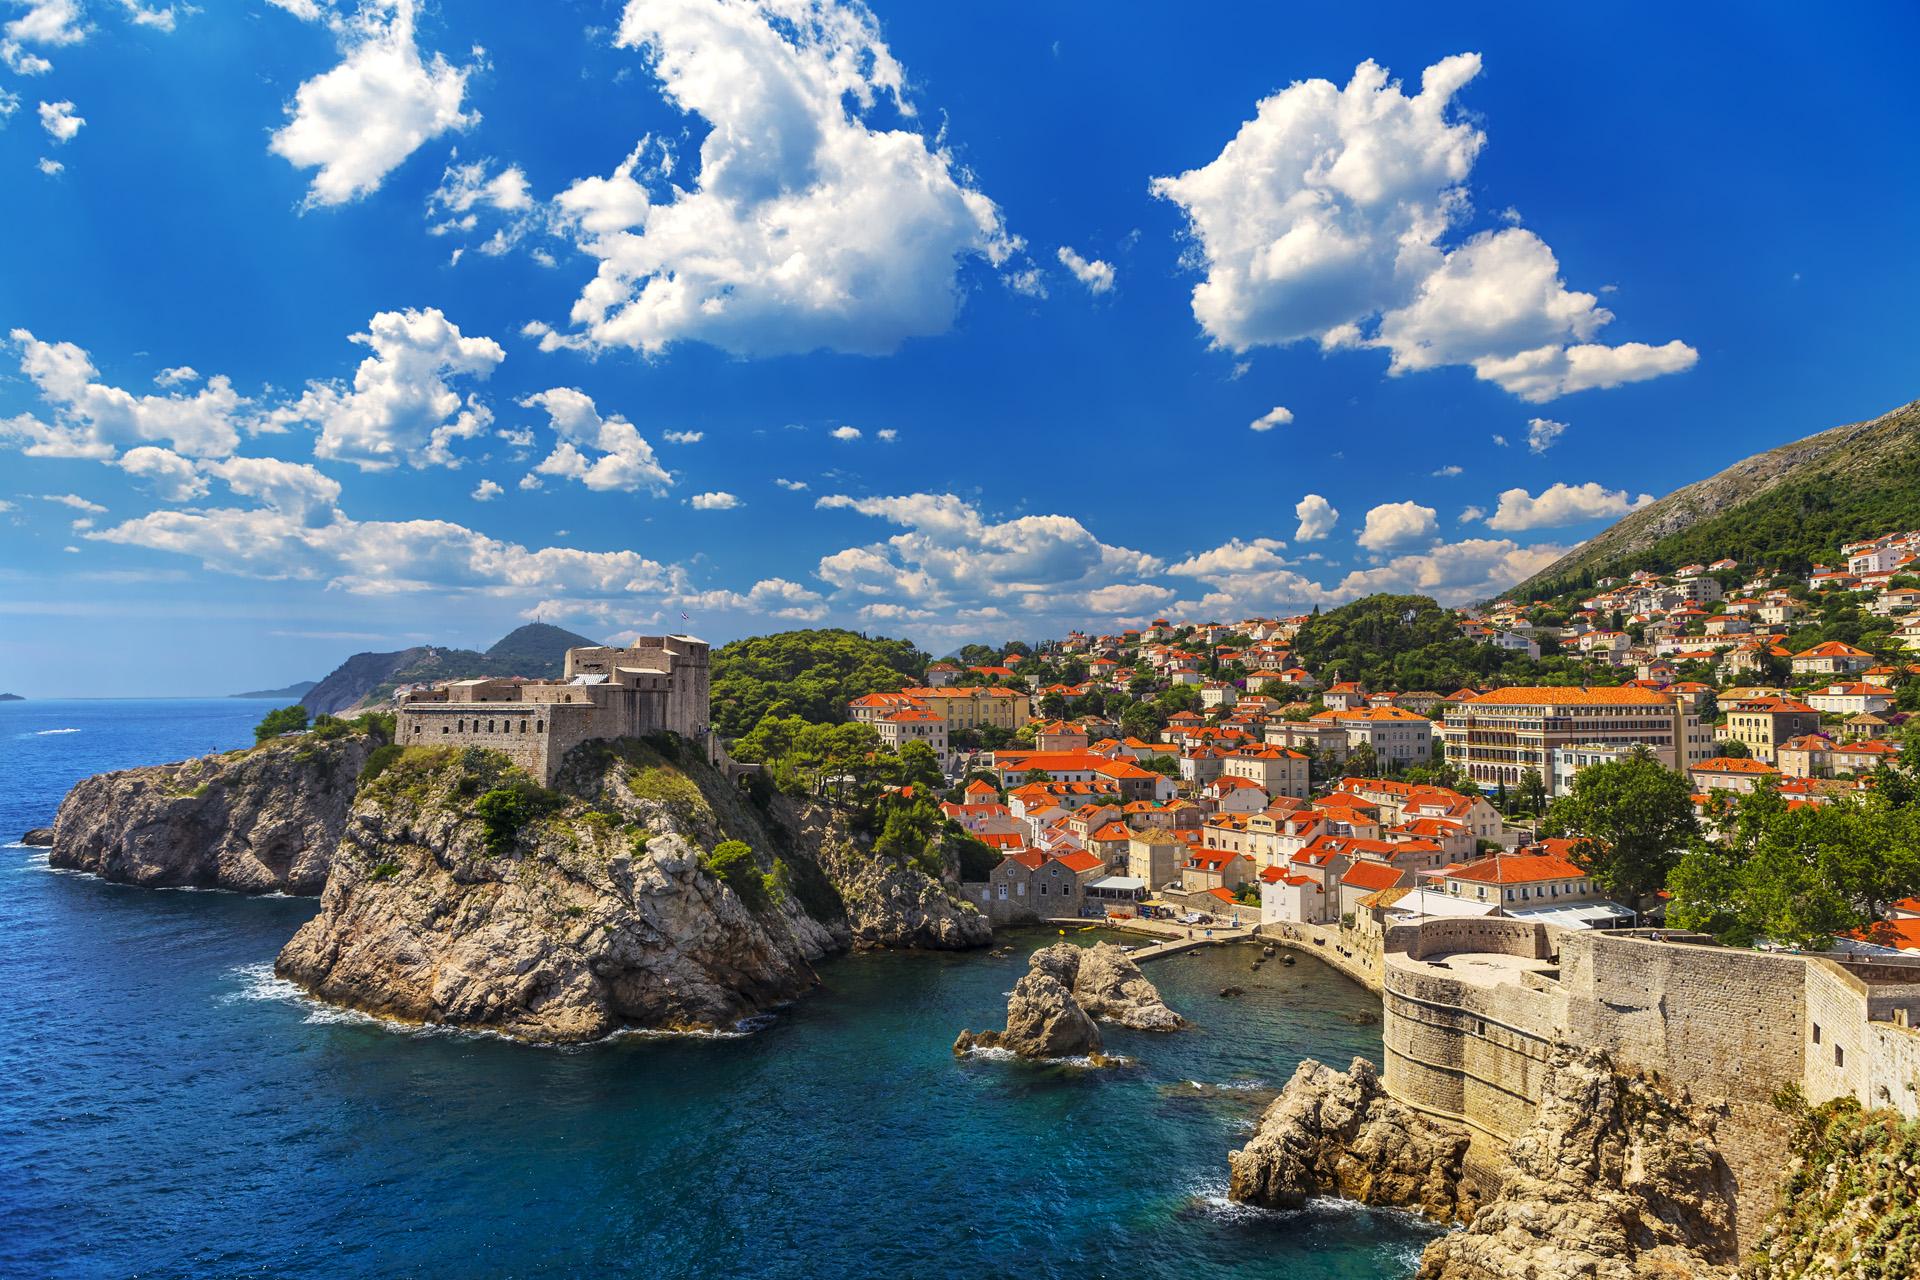 En los últimos tiempos Dubrovnik se popularizó porque la serie Game of Thrones se rodó en varias locaciones de la ciudad (iStock)